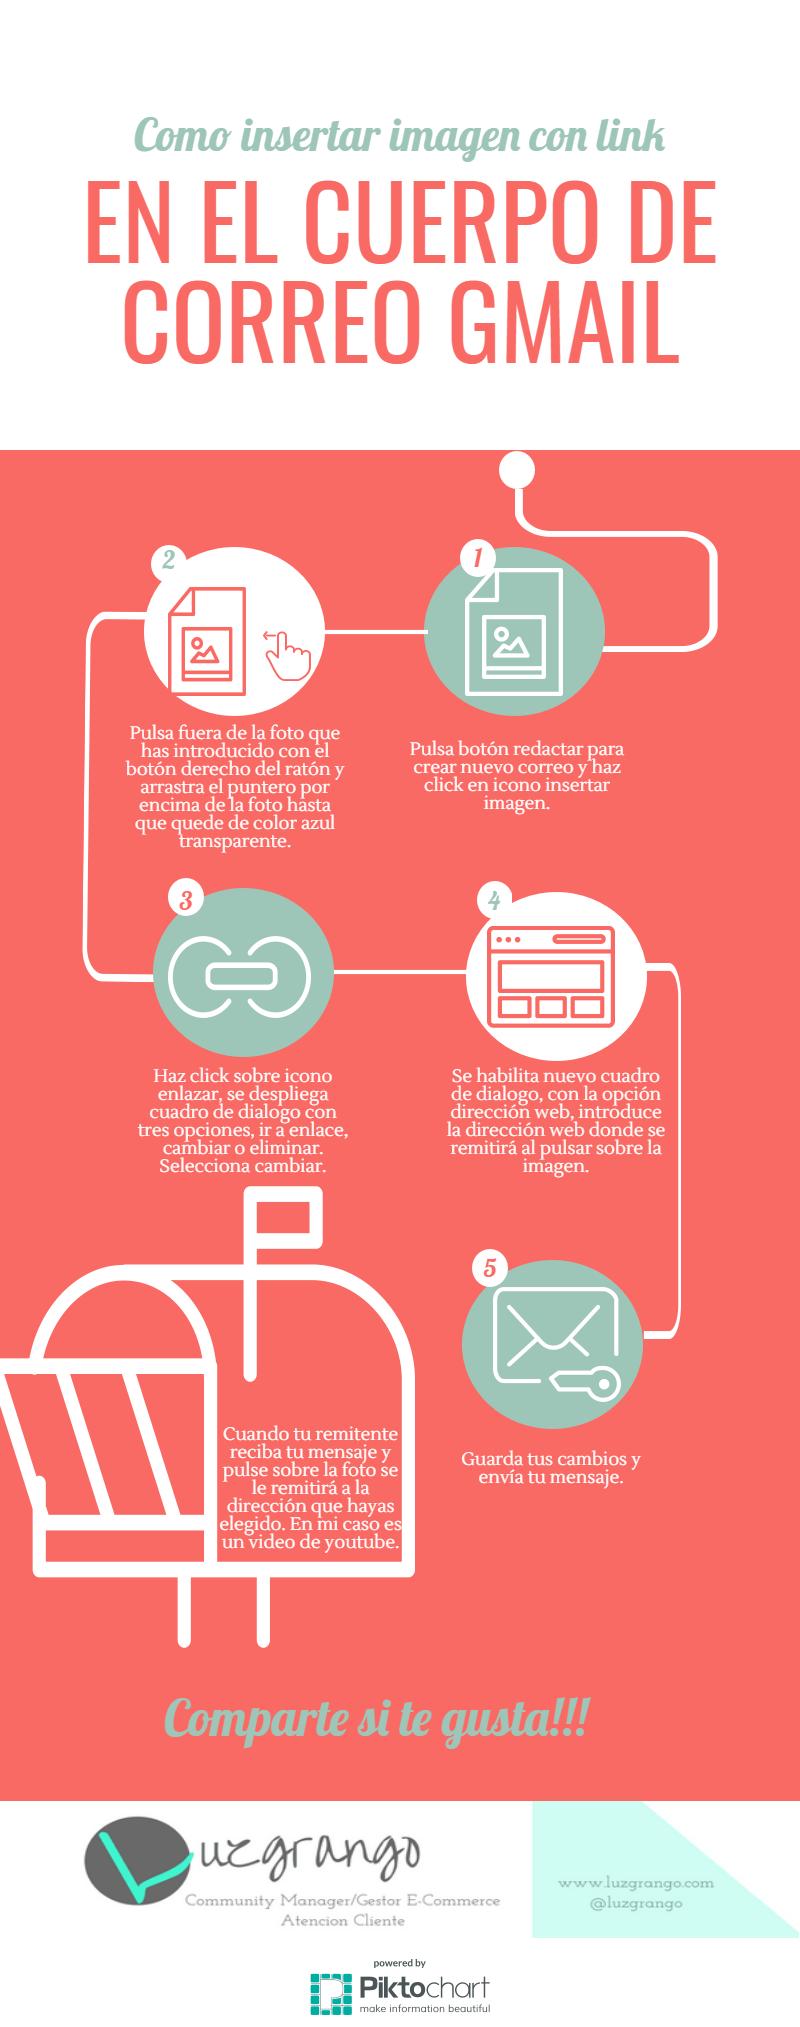 Como insertar imagen con link en cuerpo de correo Gmail